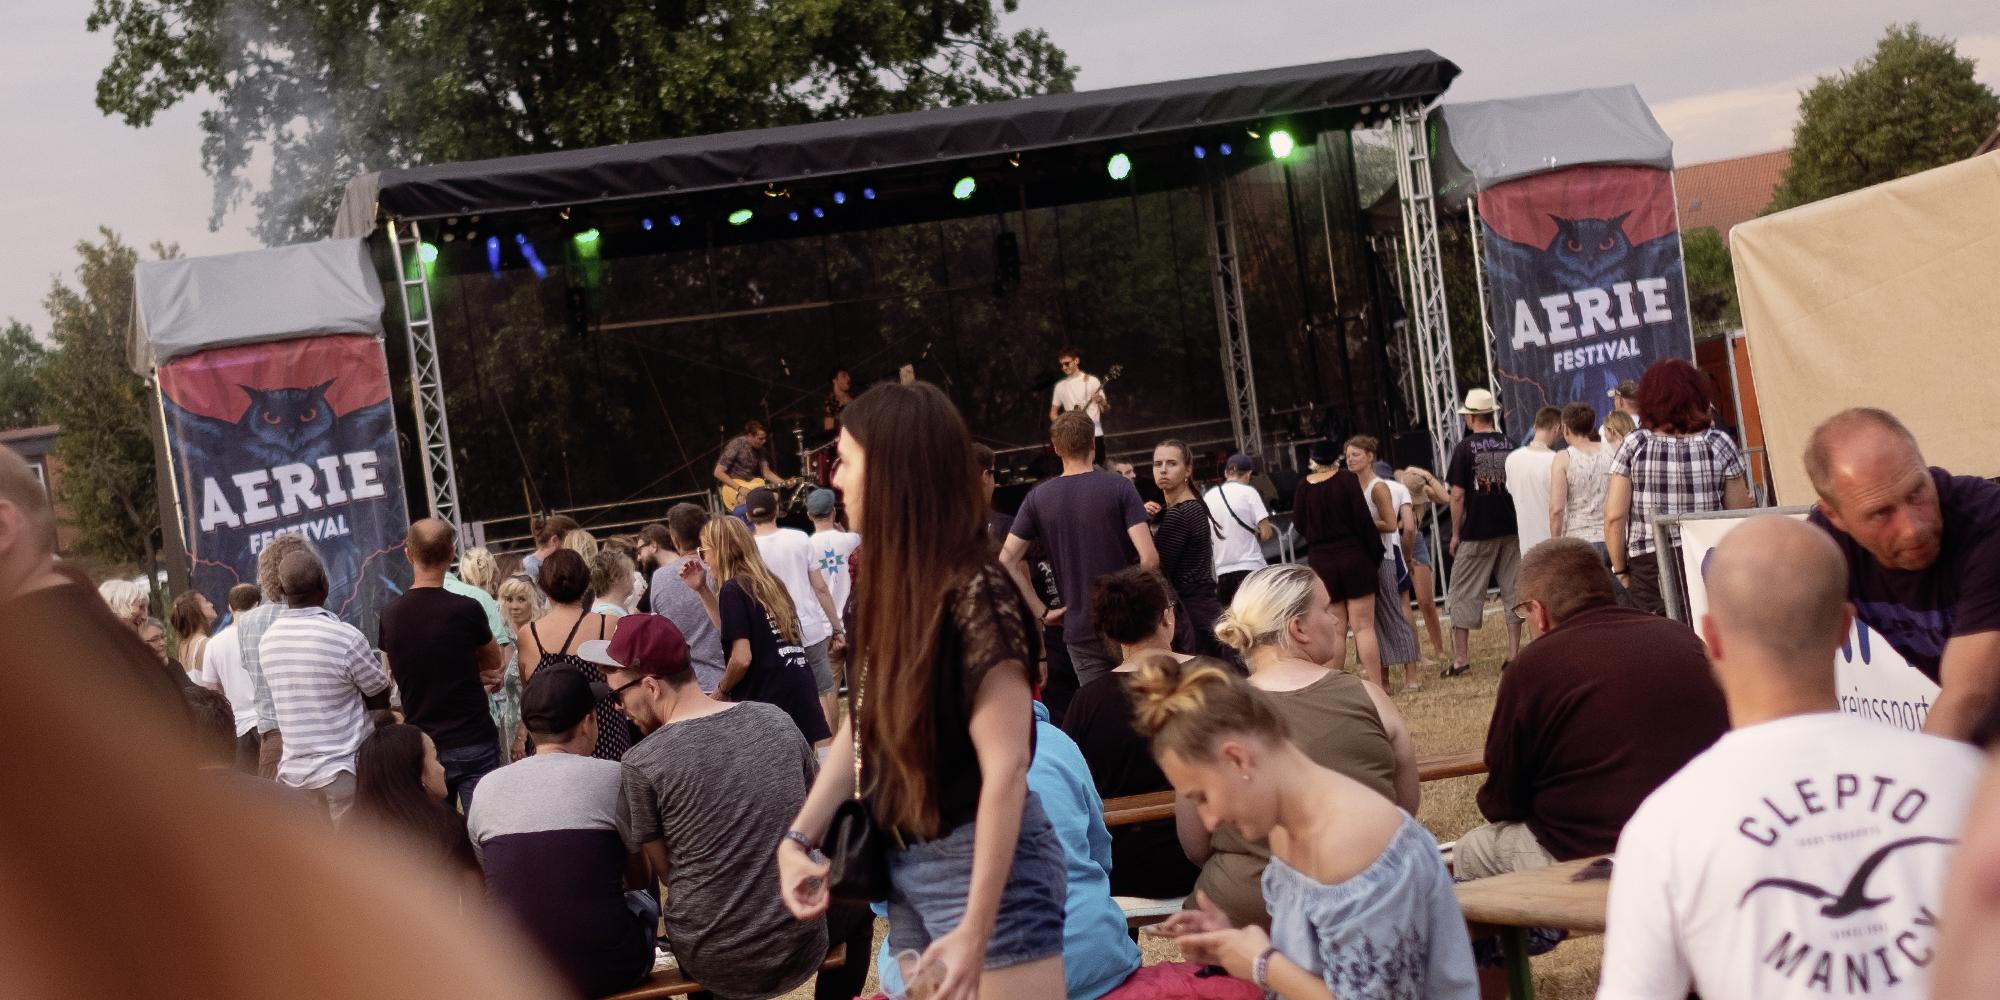 Aerie-Festival